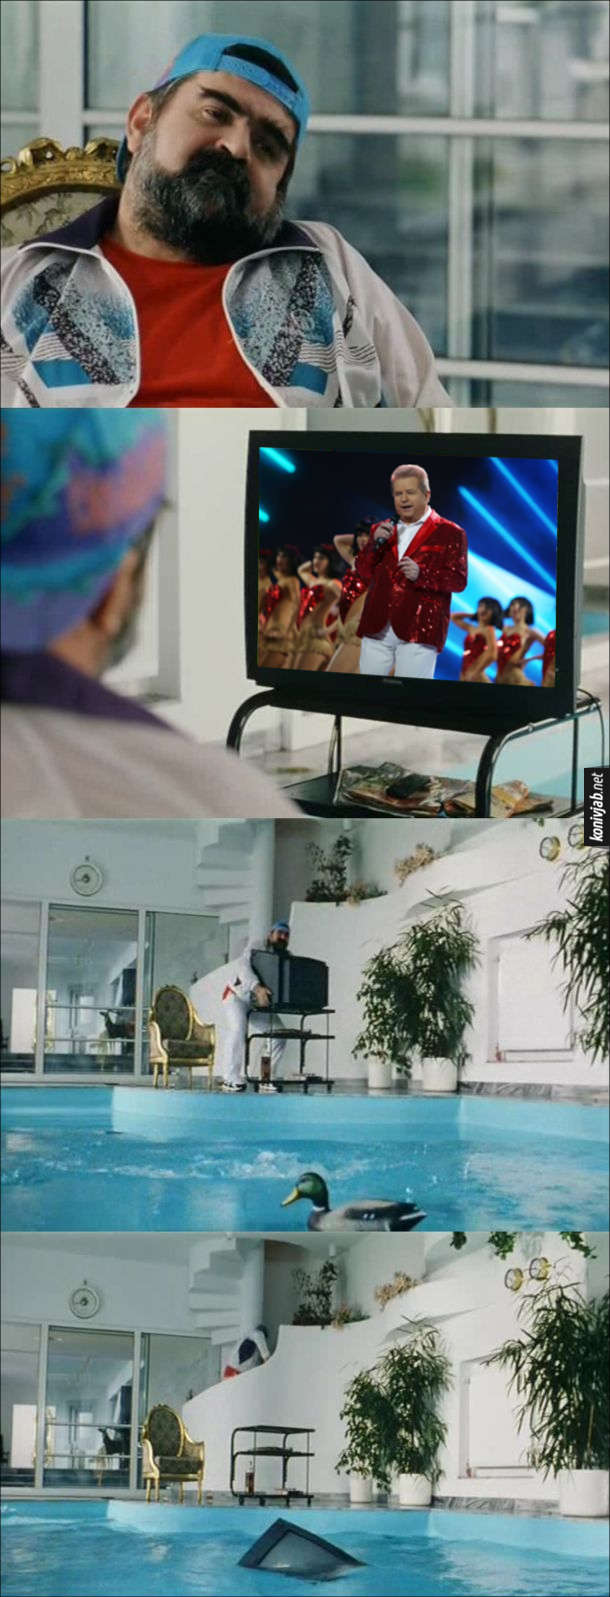 Мем Поплавський в телевізорі. Чоловік сидить в кріслі біля басейну і дивиться телевізор. По телевізору почали показувати концерт Поплавського. Чоловік кинув телевізор в басейн, а сам пішов собі